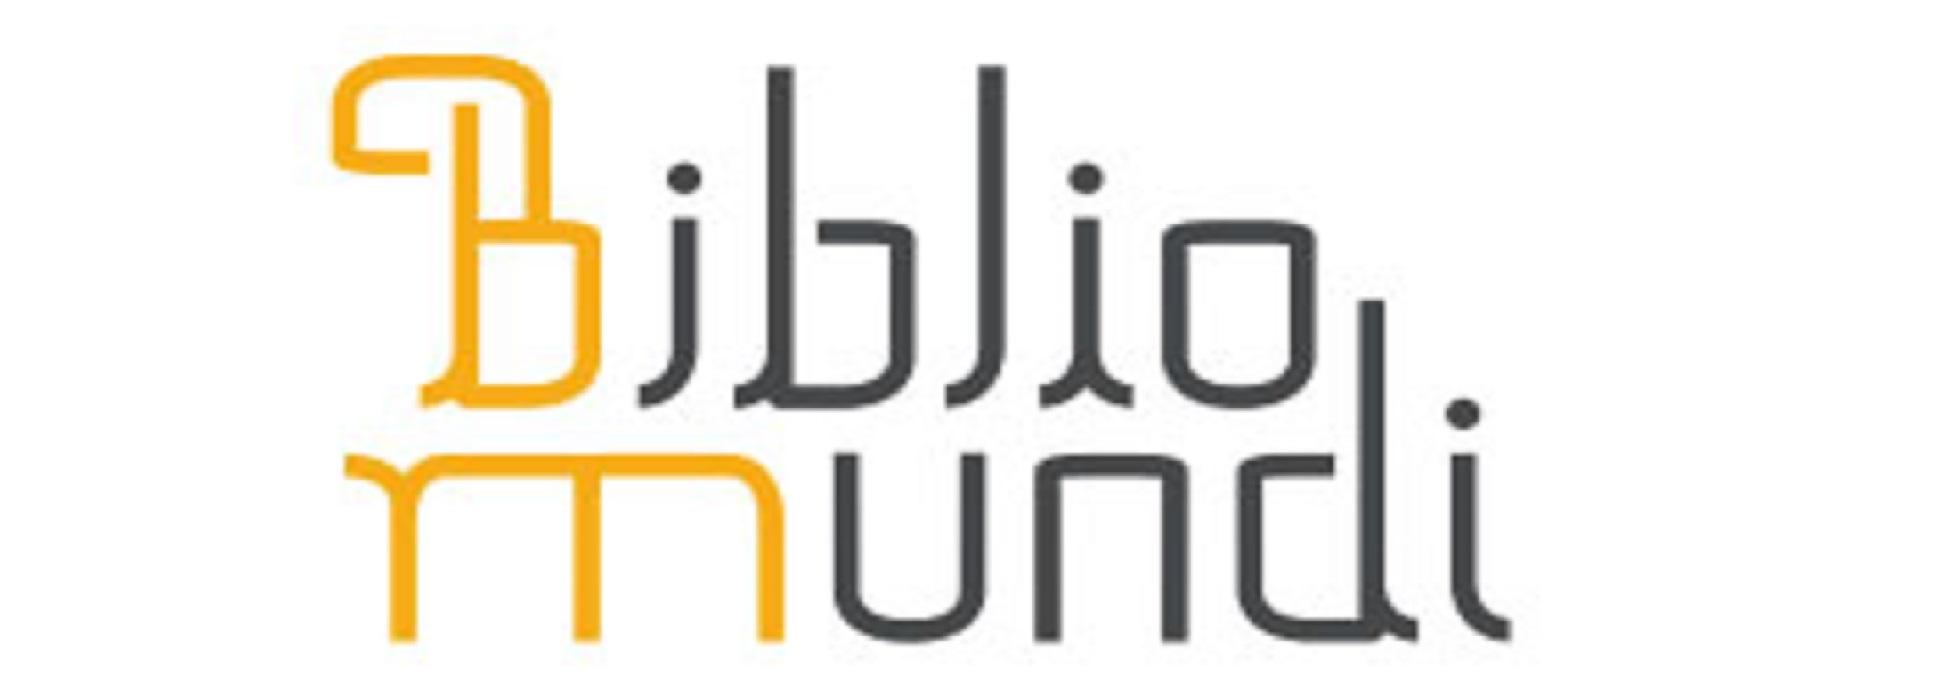 Conozca la nueva participante del Brazilian Publishers: la plataforma de libros digitales Bibliomundi